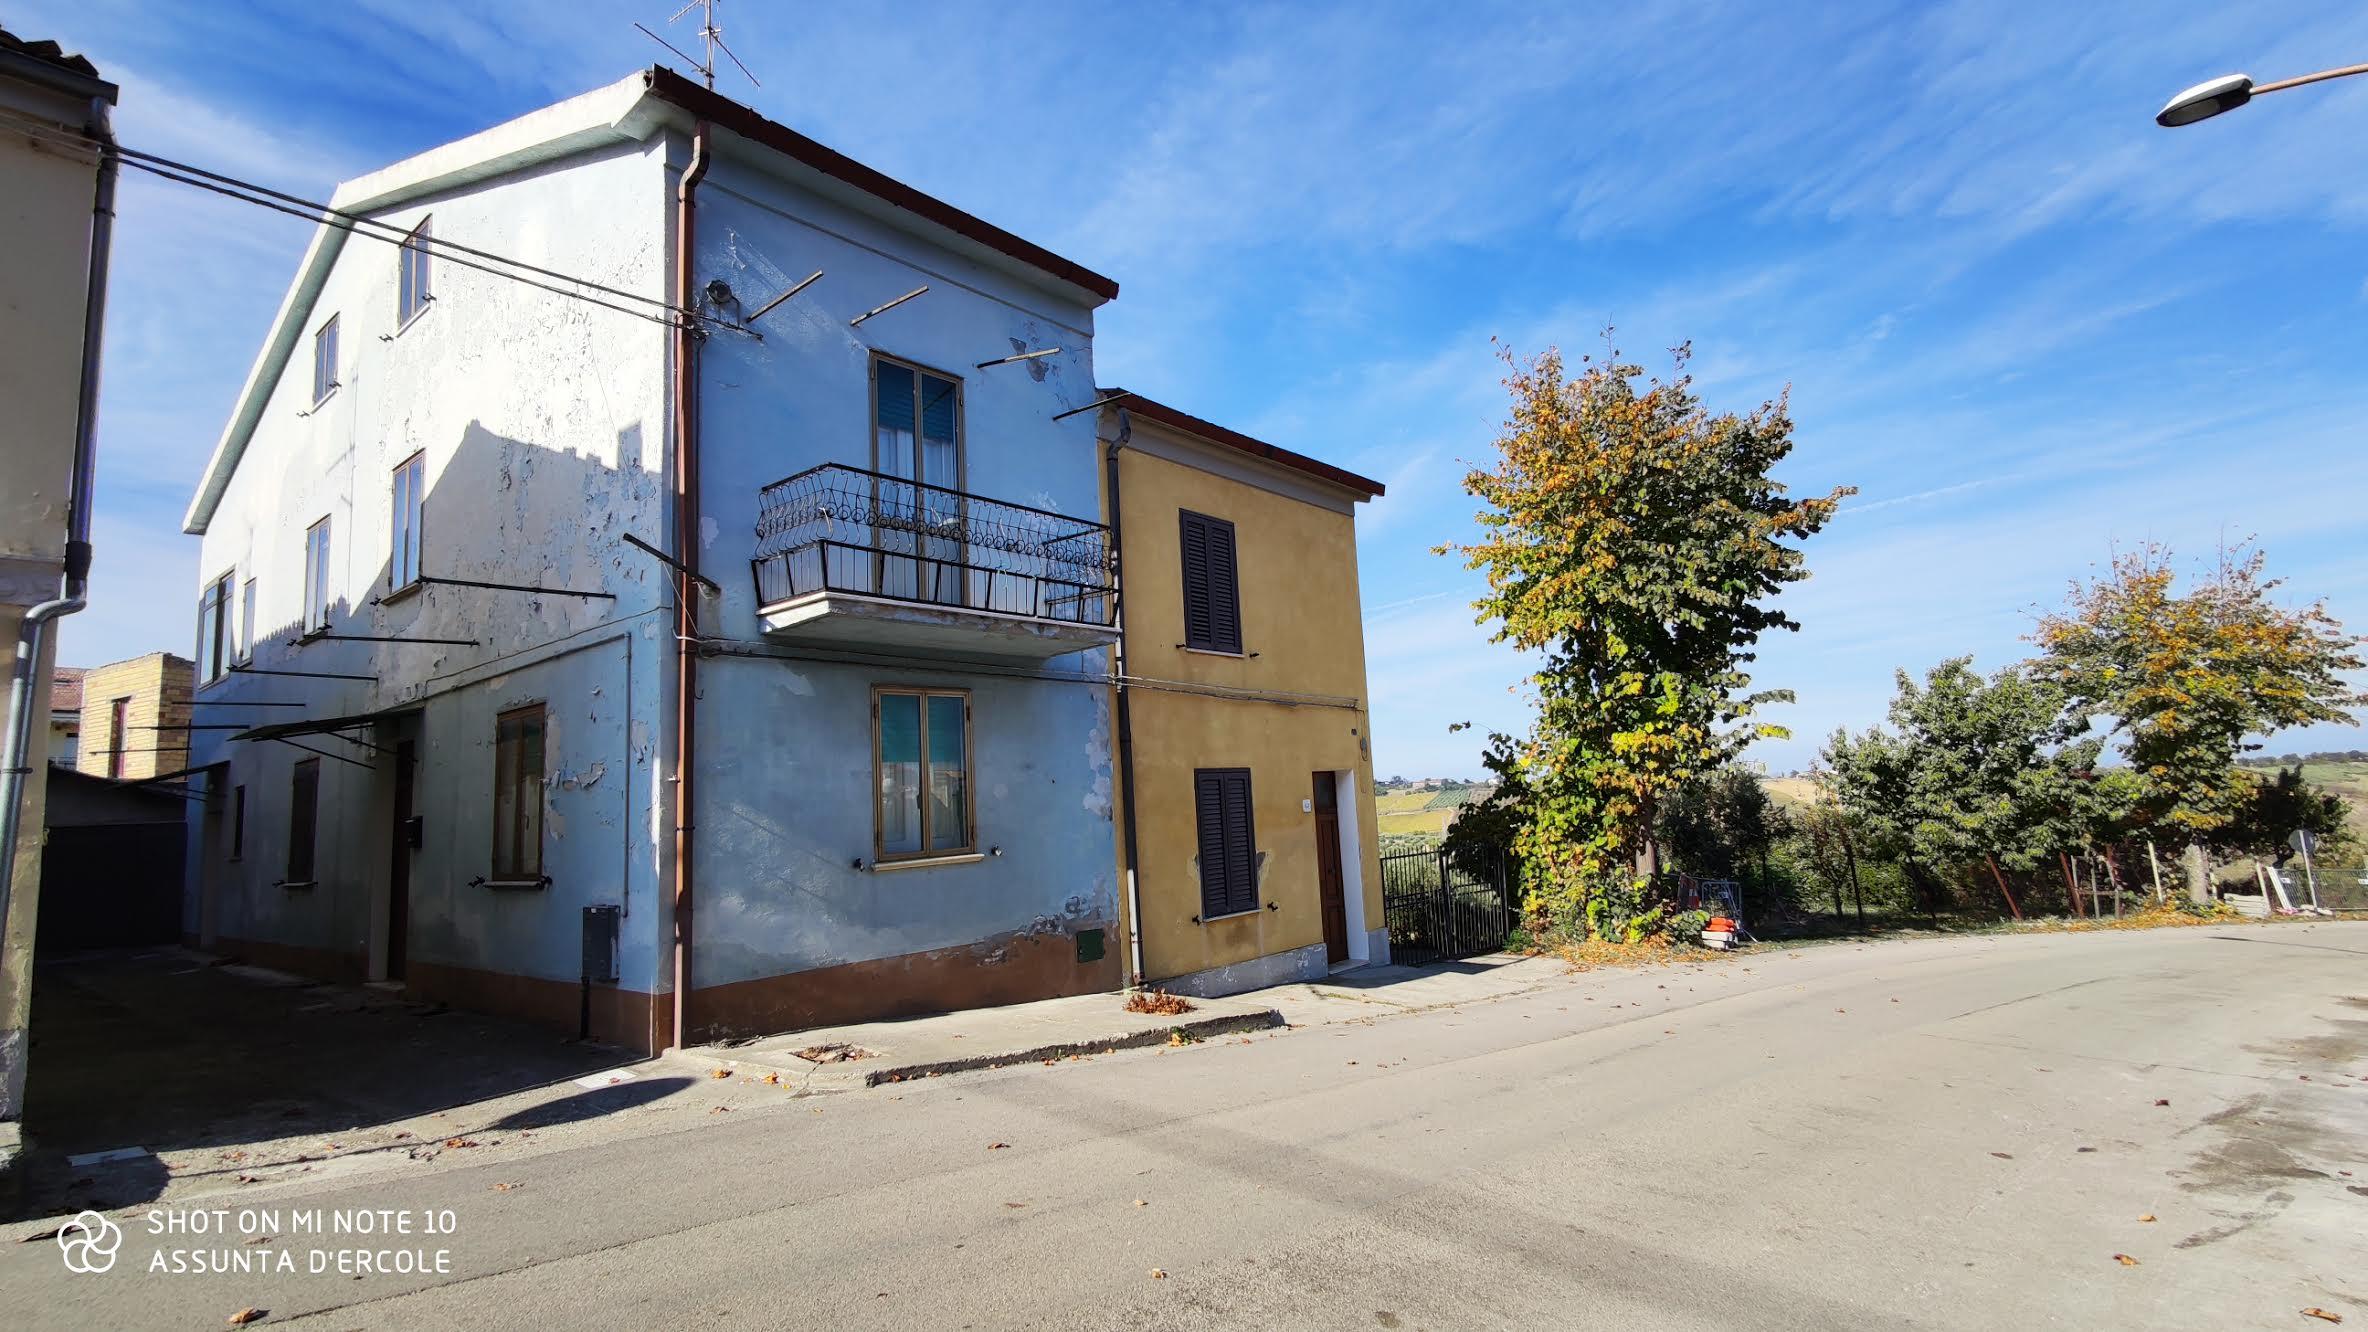 rif 1222 – Casa abitabile con cortile e orto – € 69000